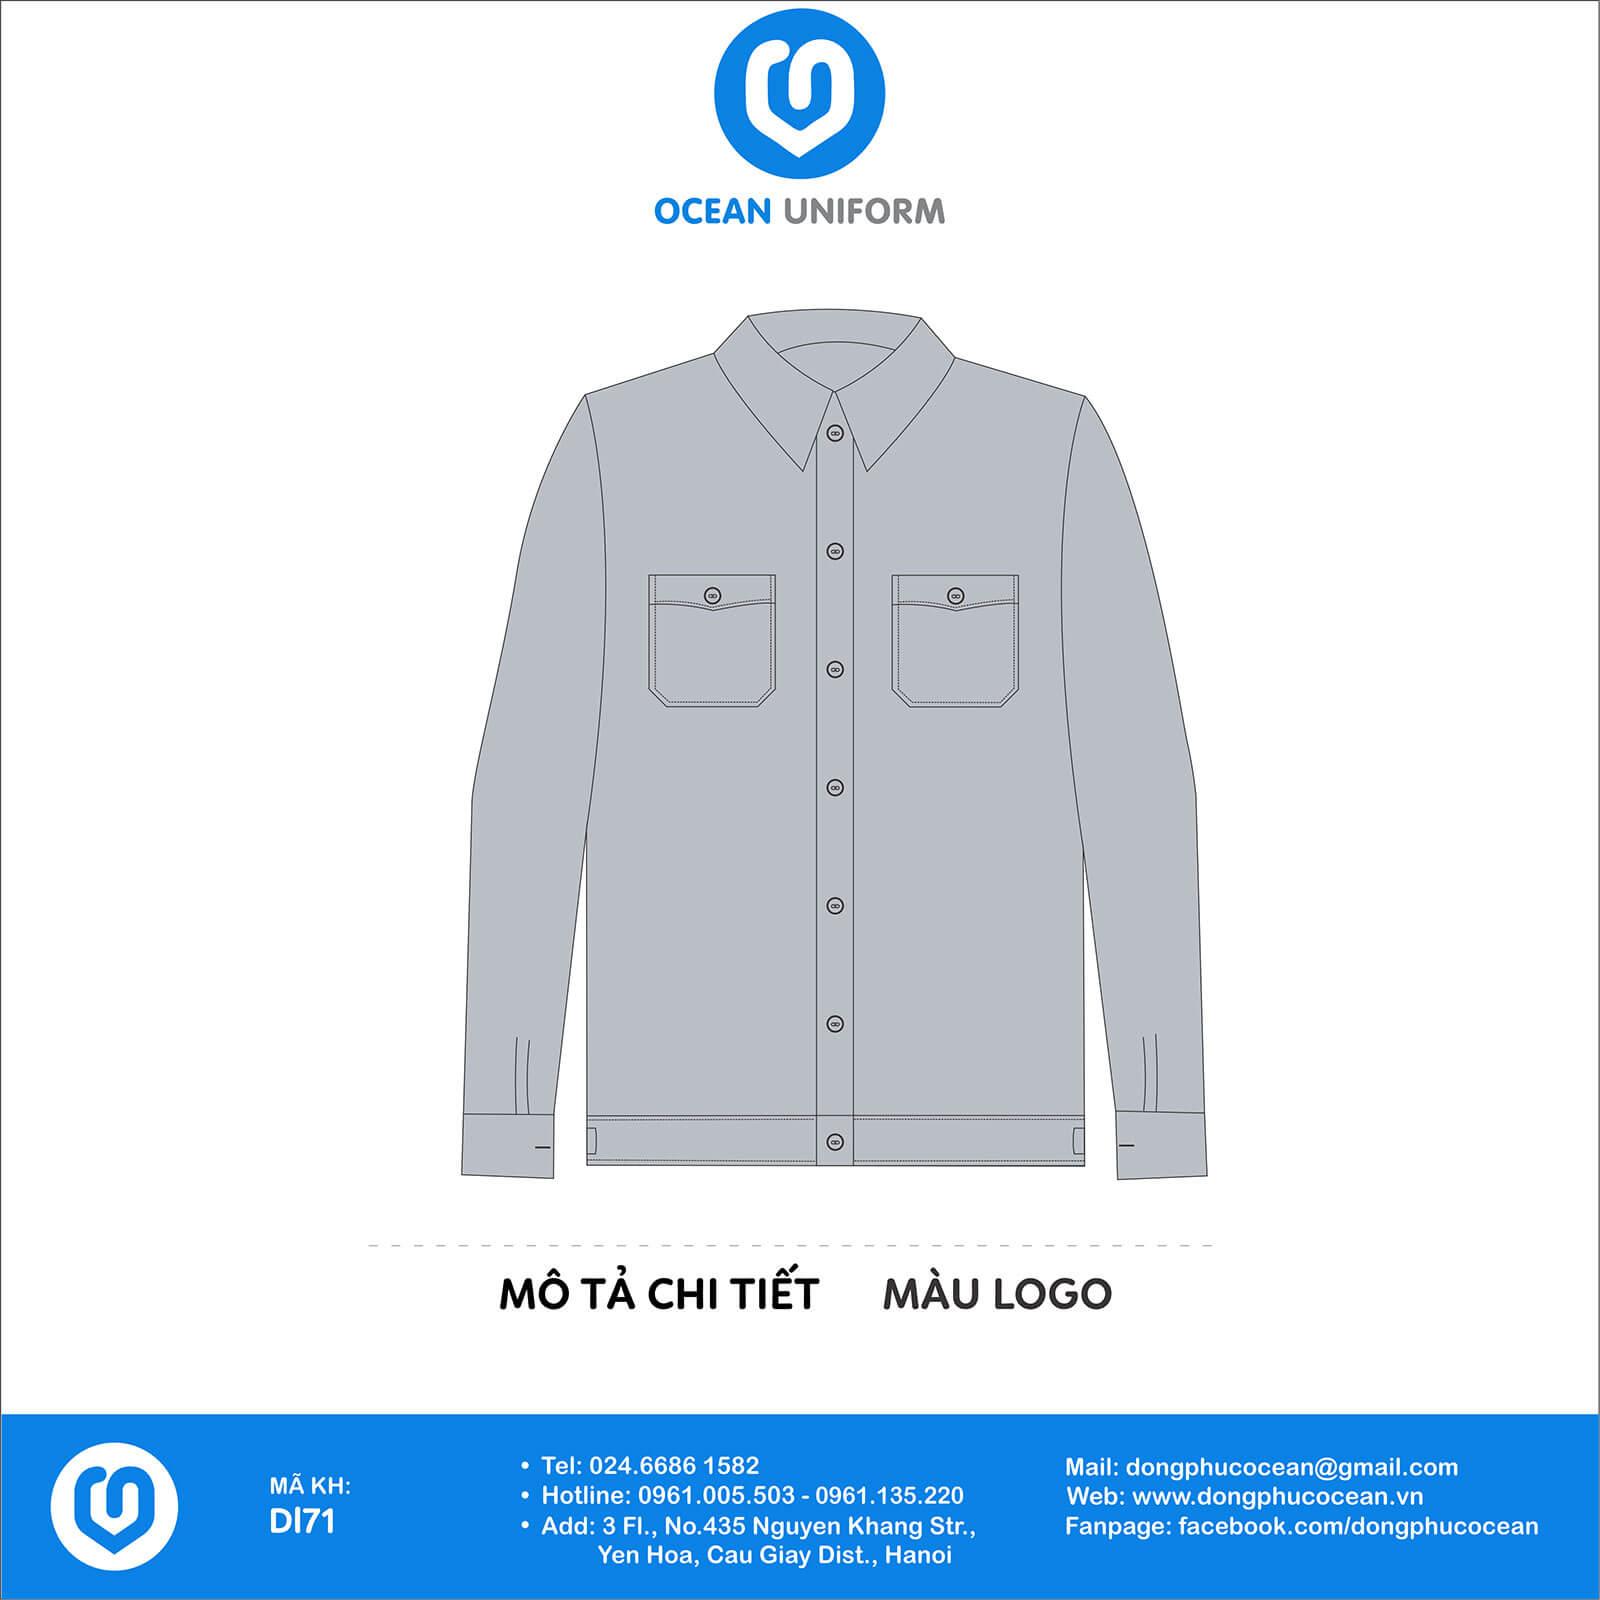 Đồng phục công nhân Công ty TNHH Việt Xanh